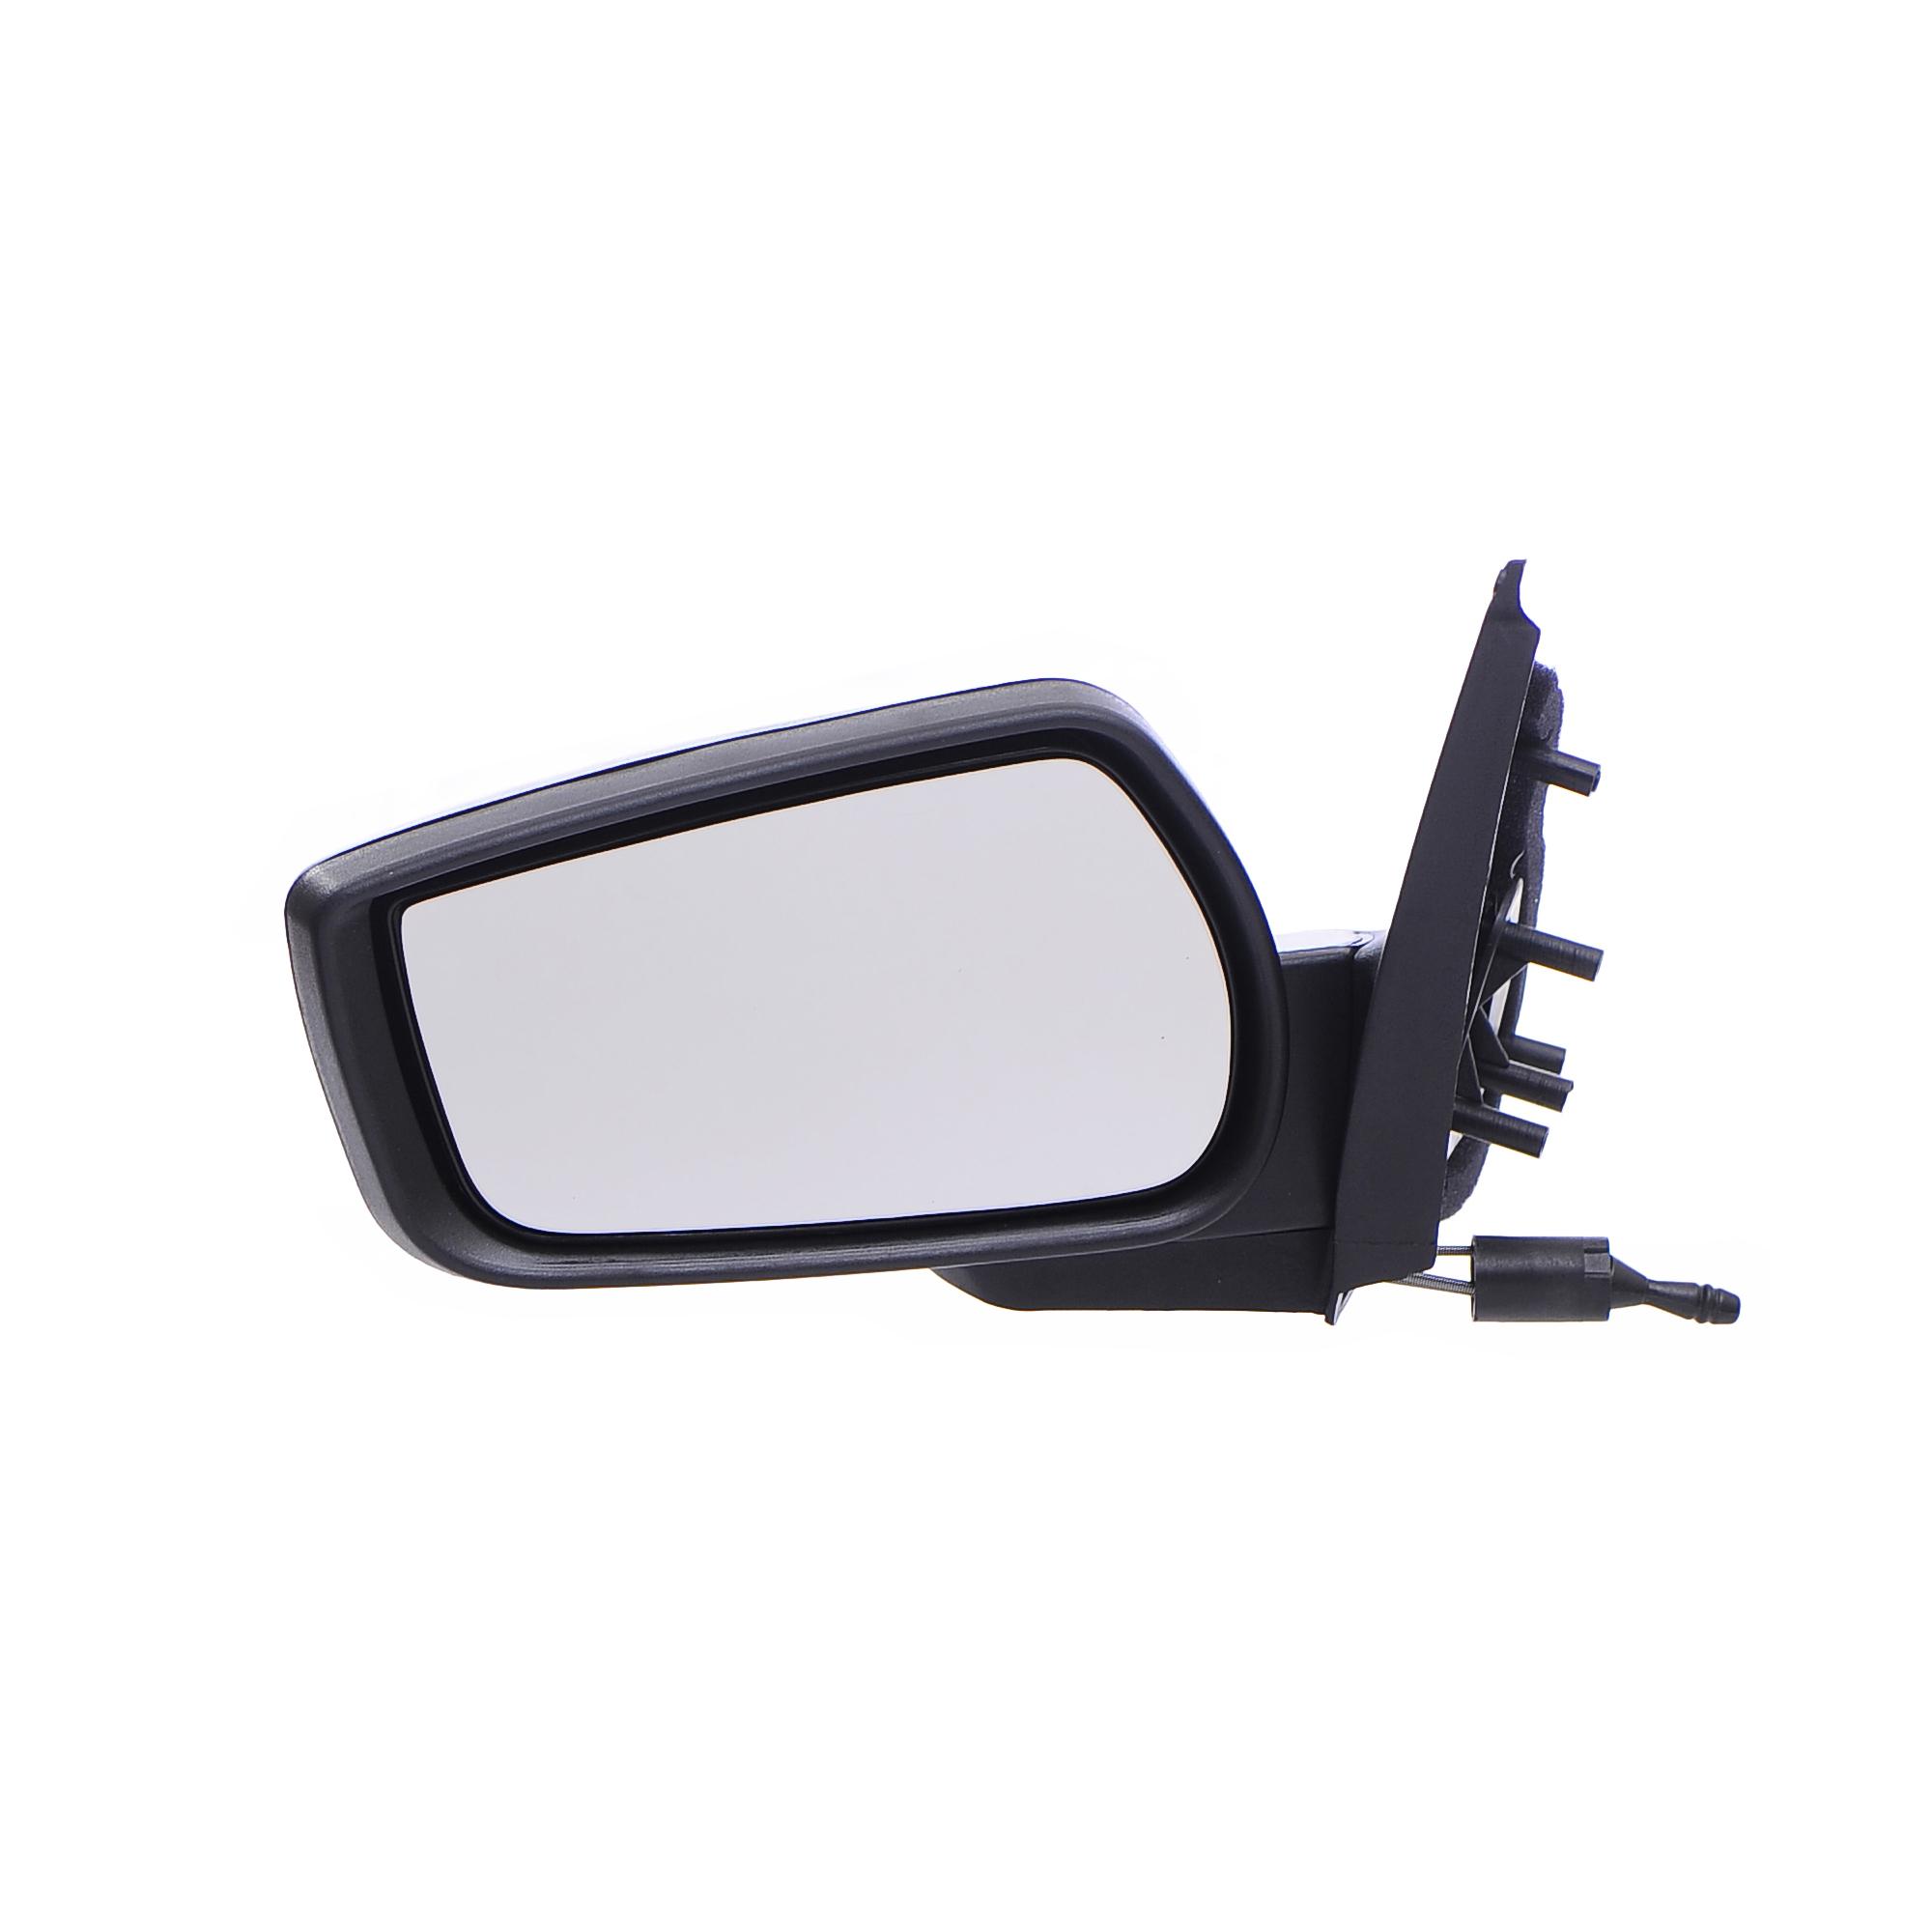 آینه جانبی چپ خودرو کد CL0004 مناسب برای پژو 405 main 1 1